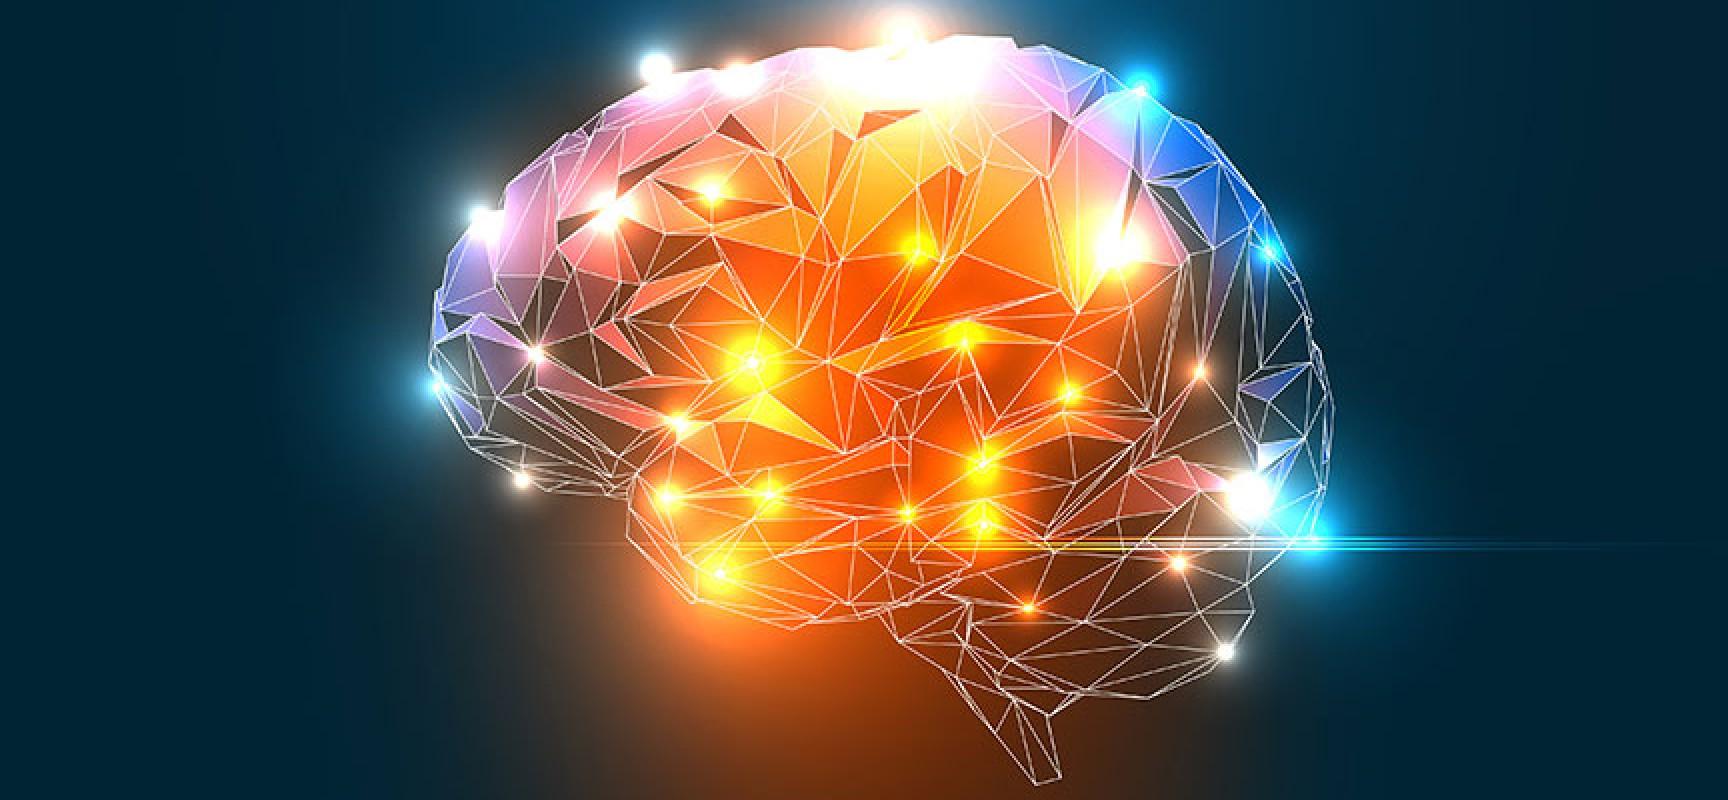 22 ciekawostki na temat mózgu, o których mogłeś nie słyszeć